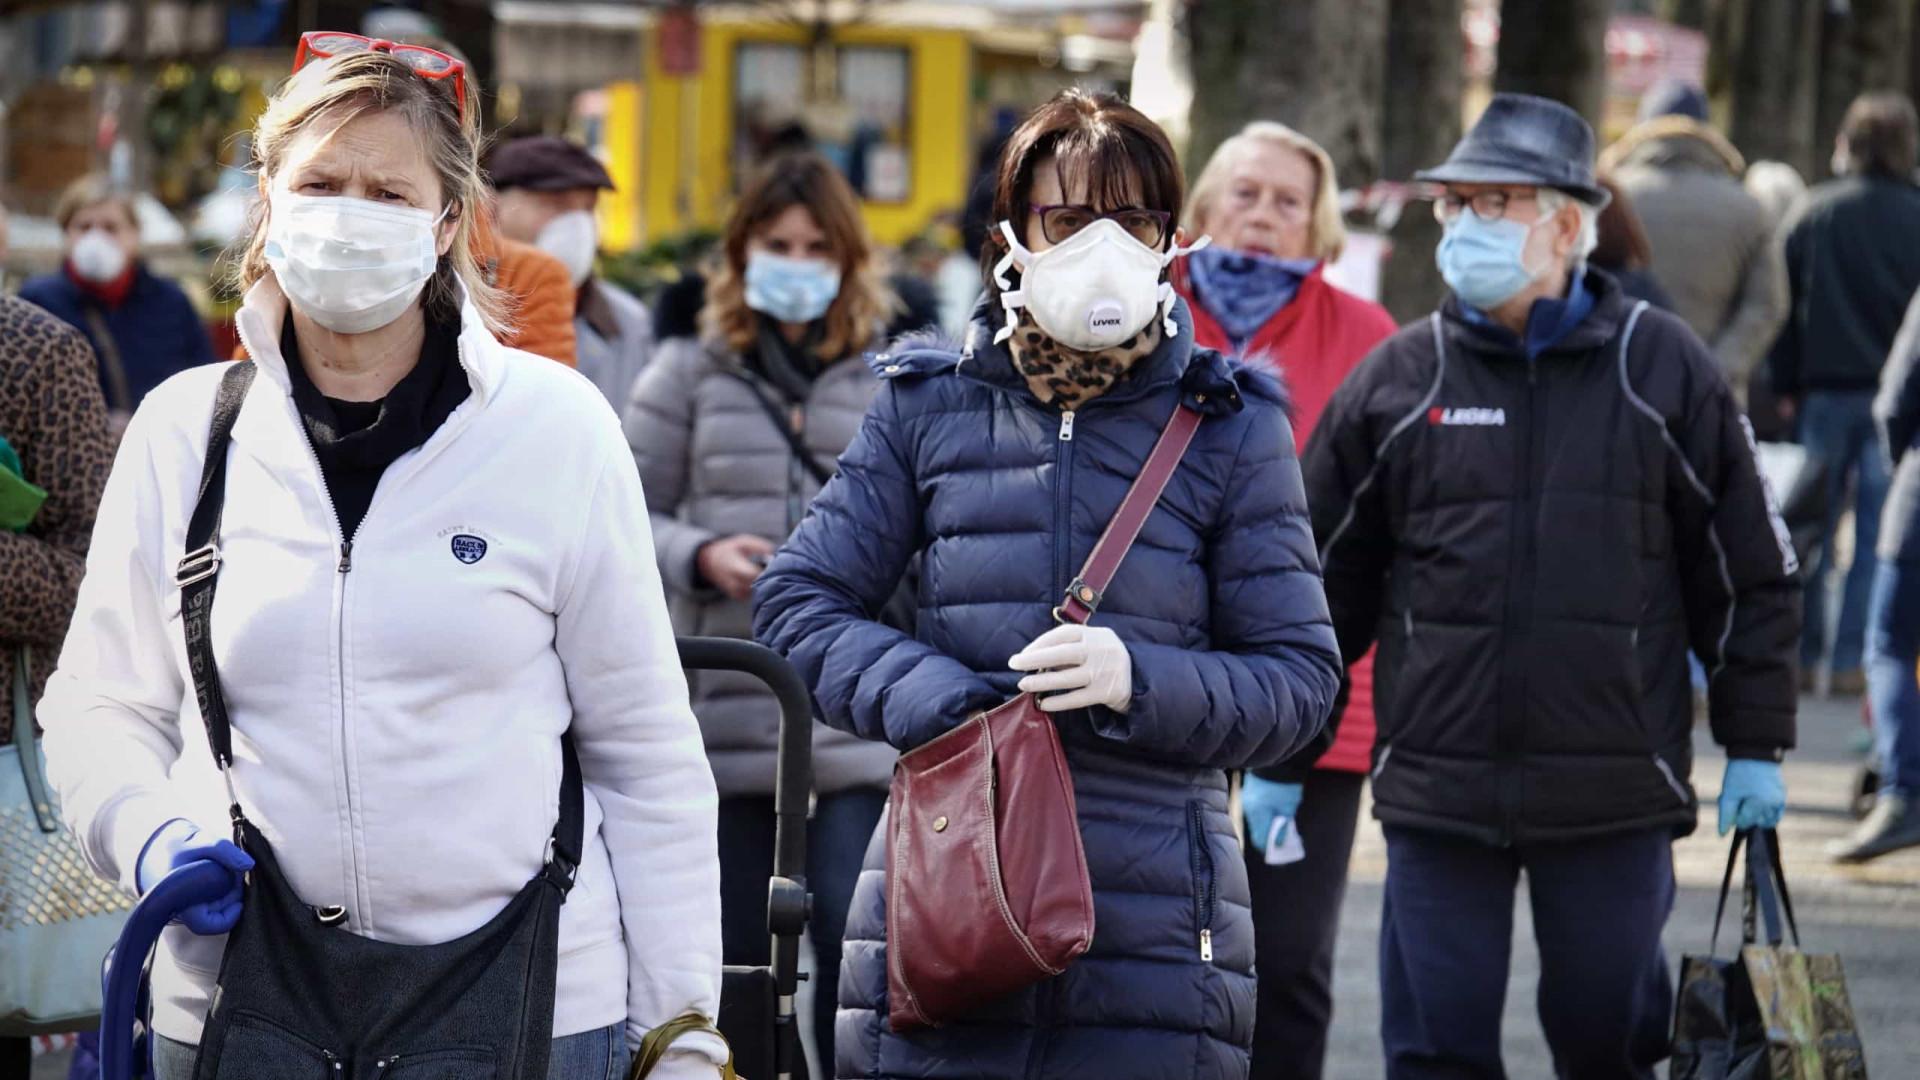 Coronavírus presente na Itália desde setembro de 2019, afirma estudo